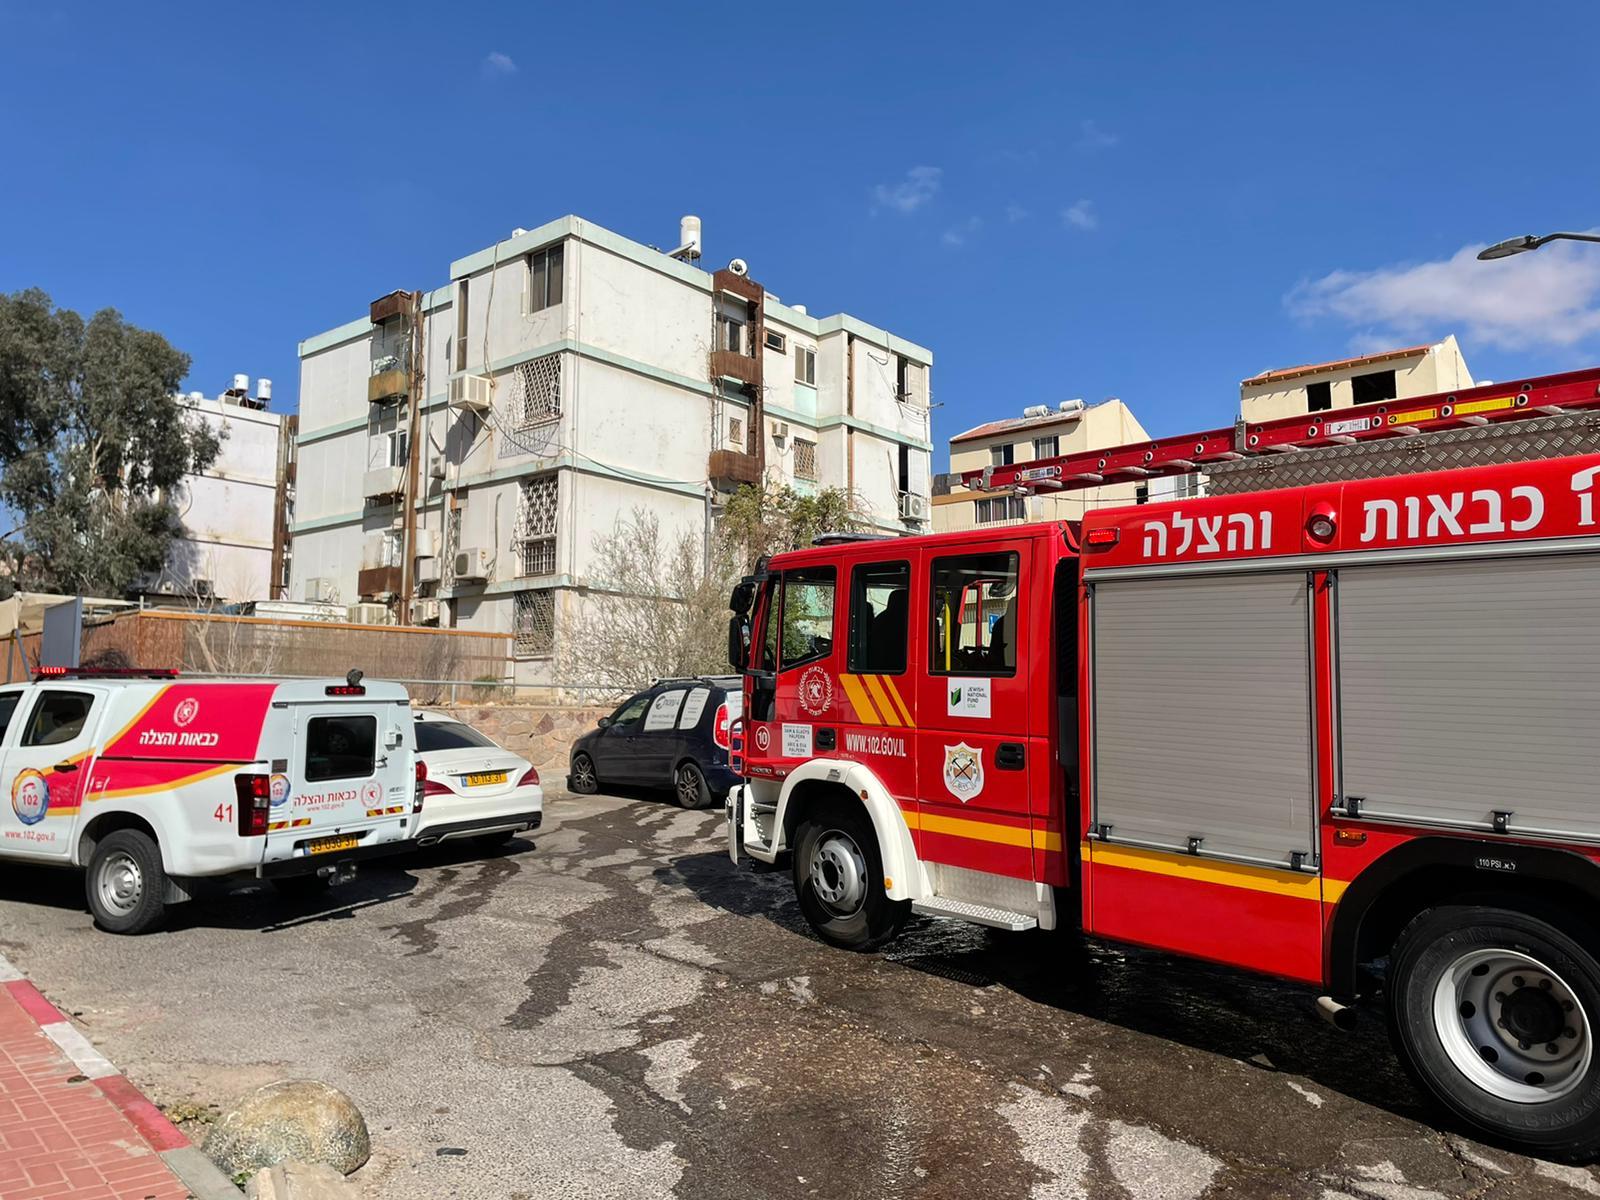 שריפה בבניין ברחוב האלמוגים באילת